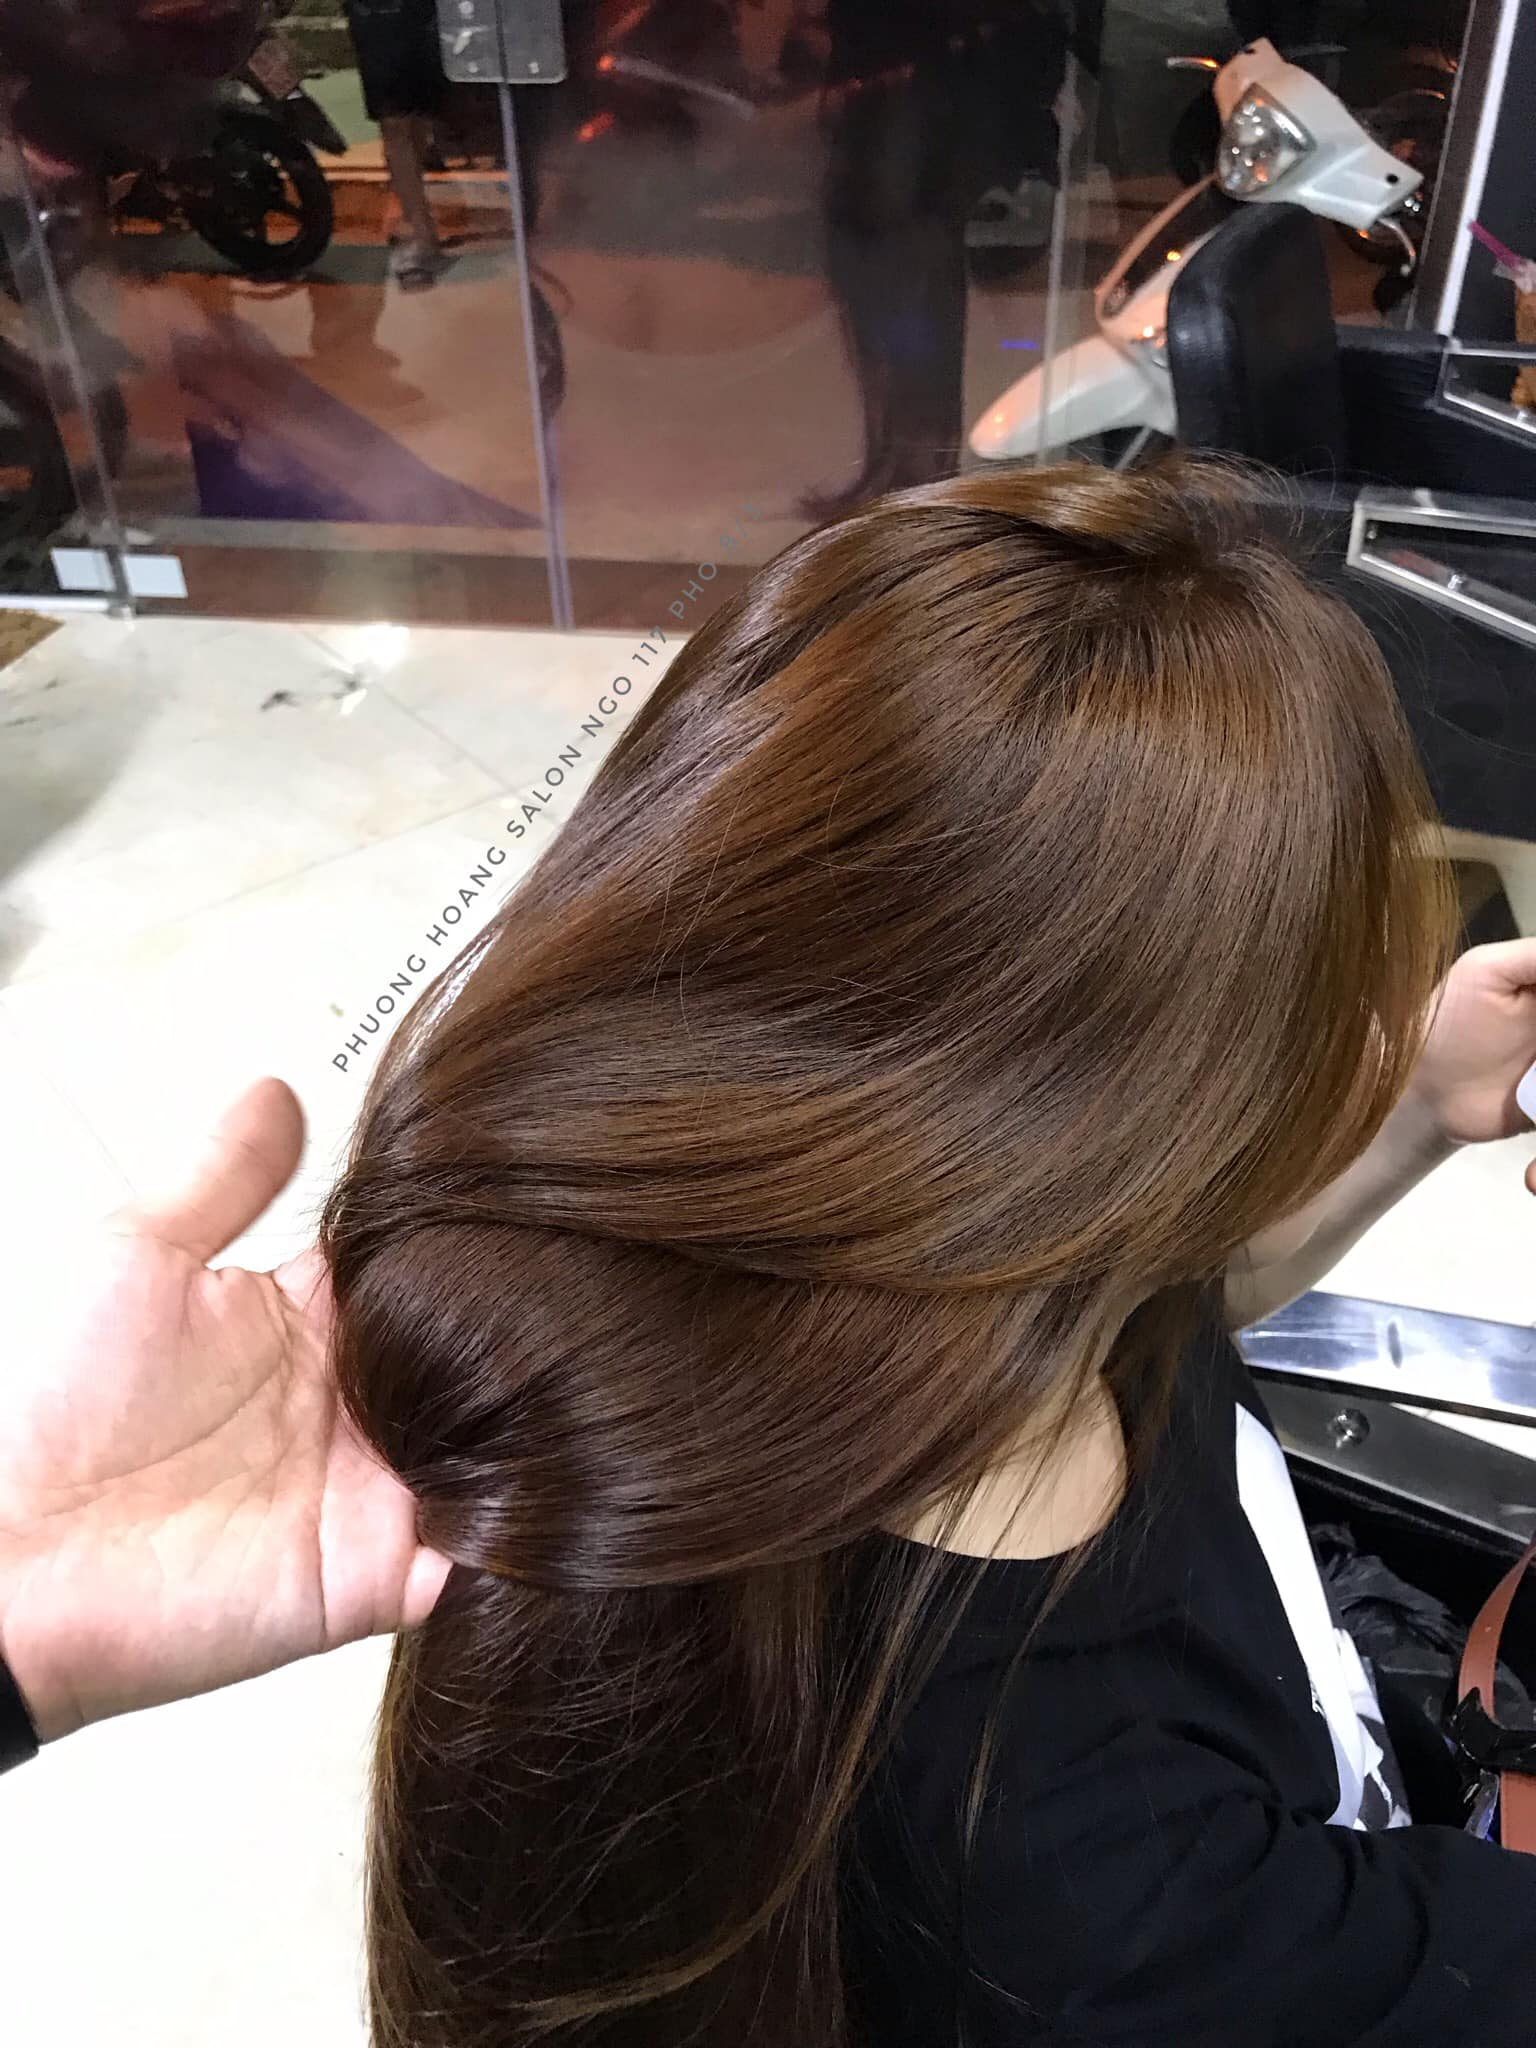 4 Địa chỉ làm tóc đẹp Linh Đàm cập nhật xu hướng làm tóc HOT nhất 3